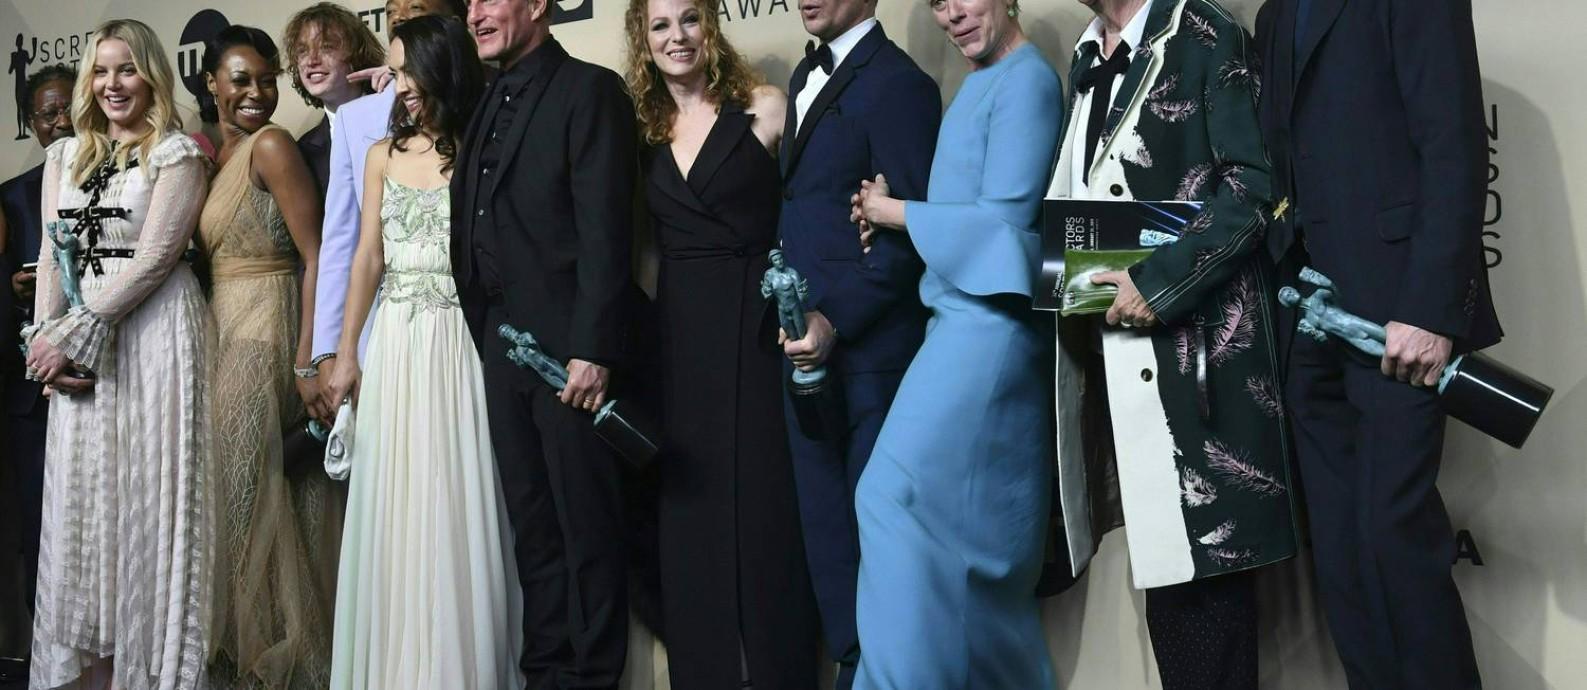 """Elenco de """"Três anúncios para um crime"""" posa para foto após receber o prêmio da categoria no Screen Actors Guild Awards, no domingo à noite Foto: FREDERIC J. BROWN / AFP"""